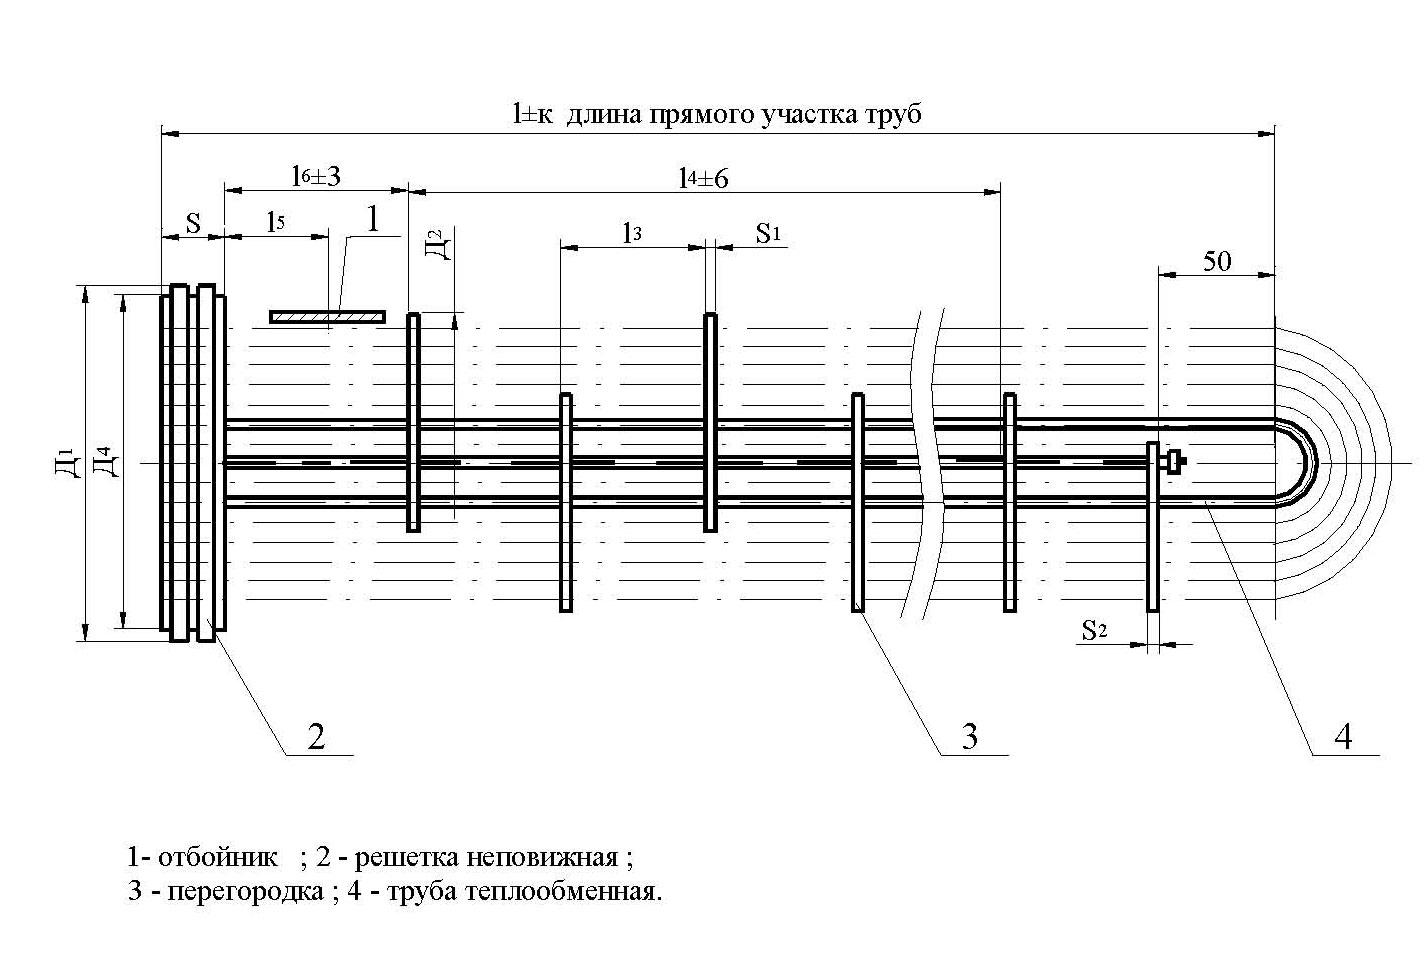 Трубный пучок теплообменника м1 Кожухотрубный испаритель Alfa Laval DED 350 Чебоксары